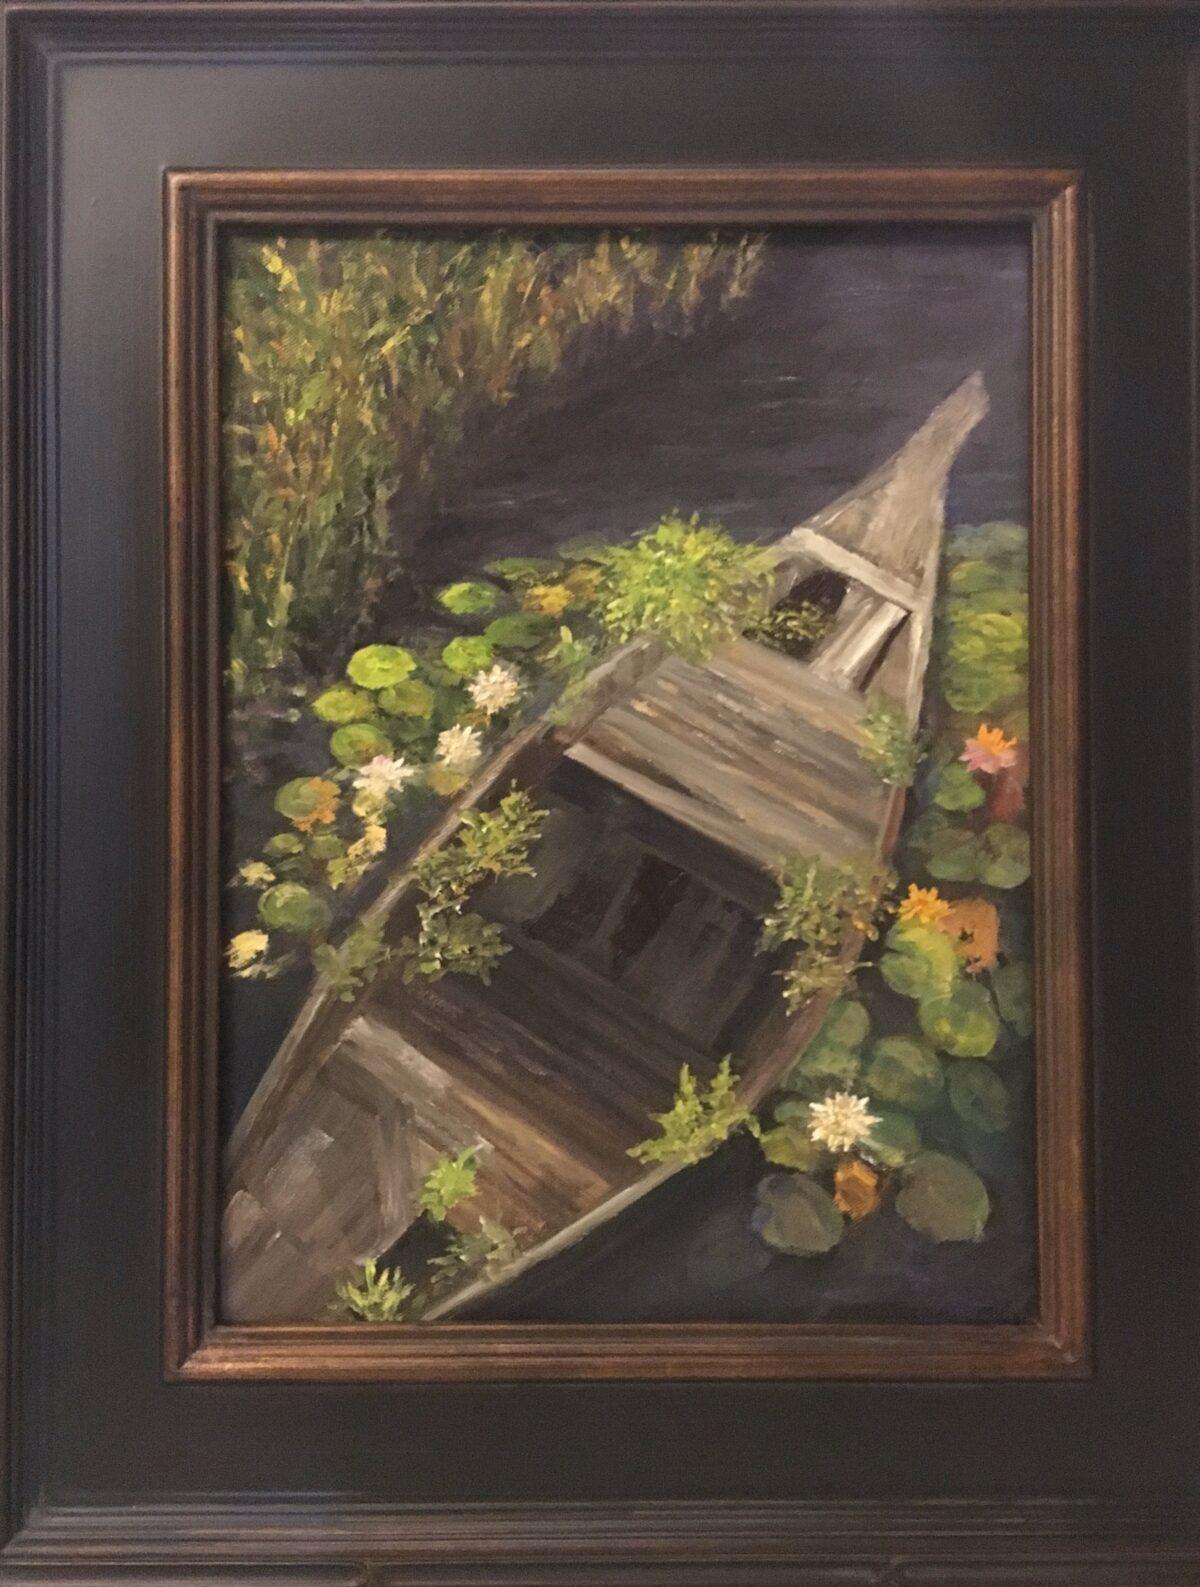 149 - Siem Reap Boat - 12 x 16 - Still Life - $325